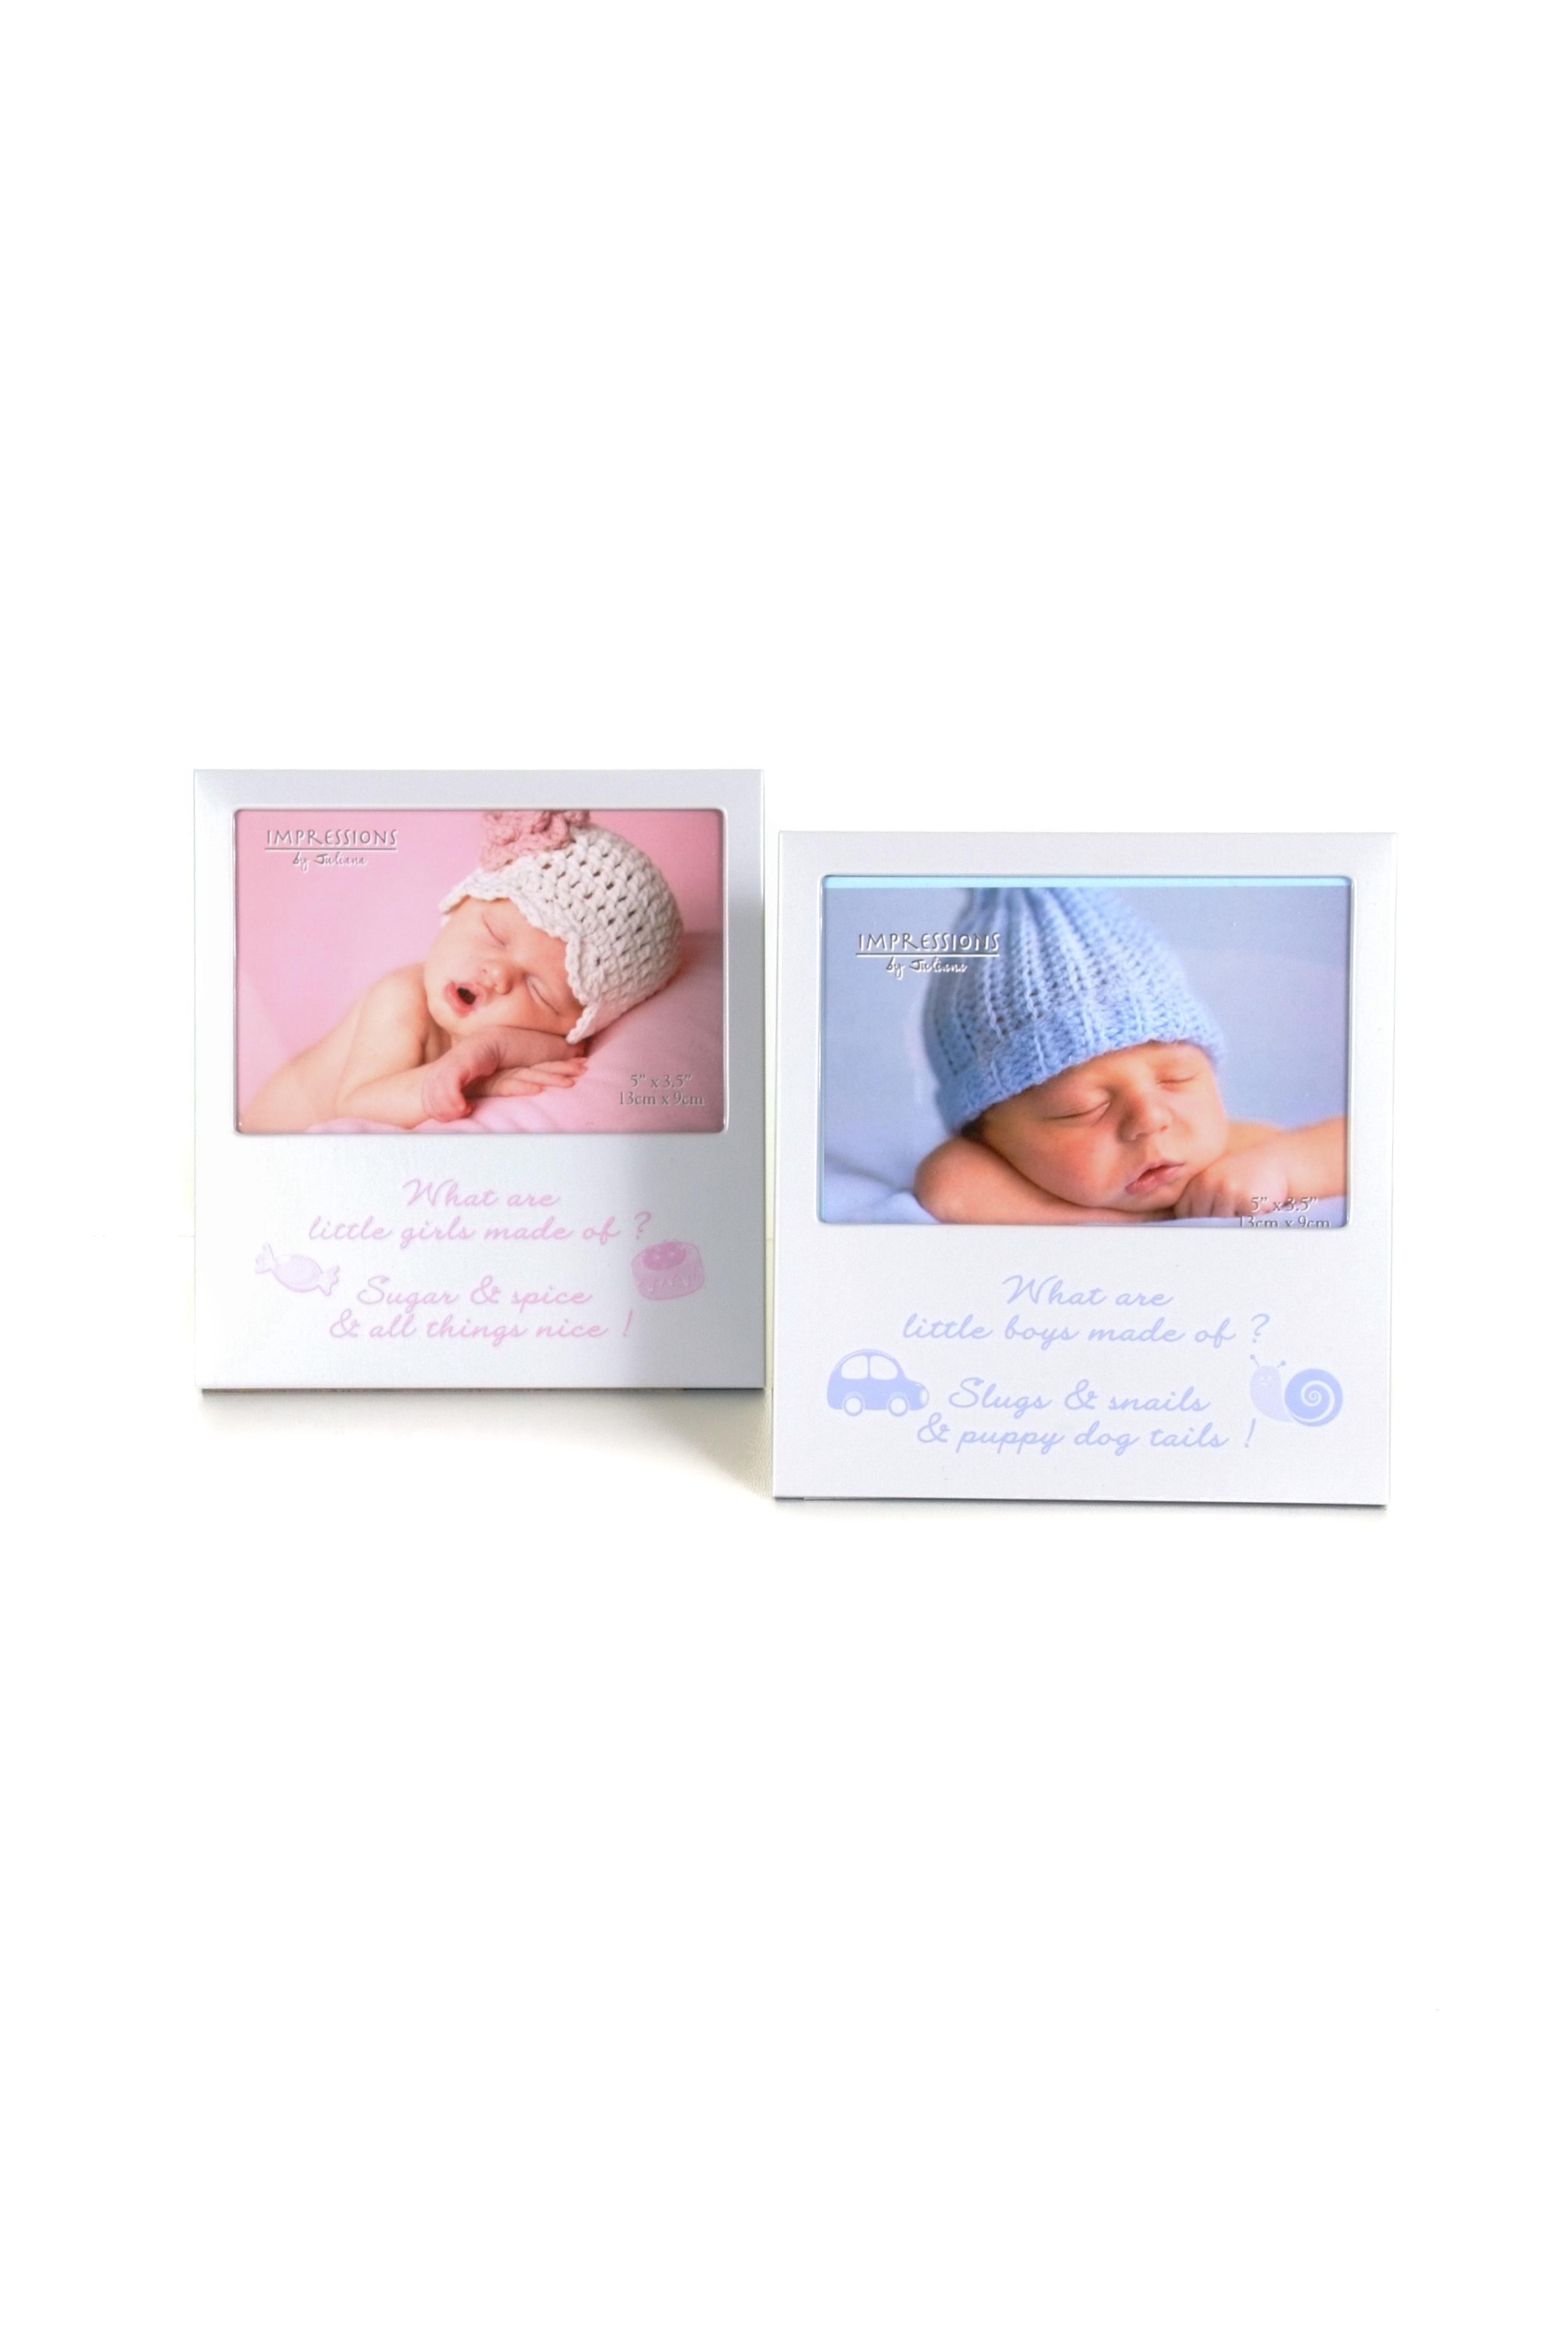 newborn baby photo frames UK